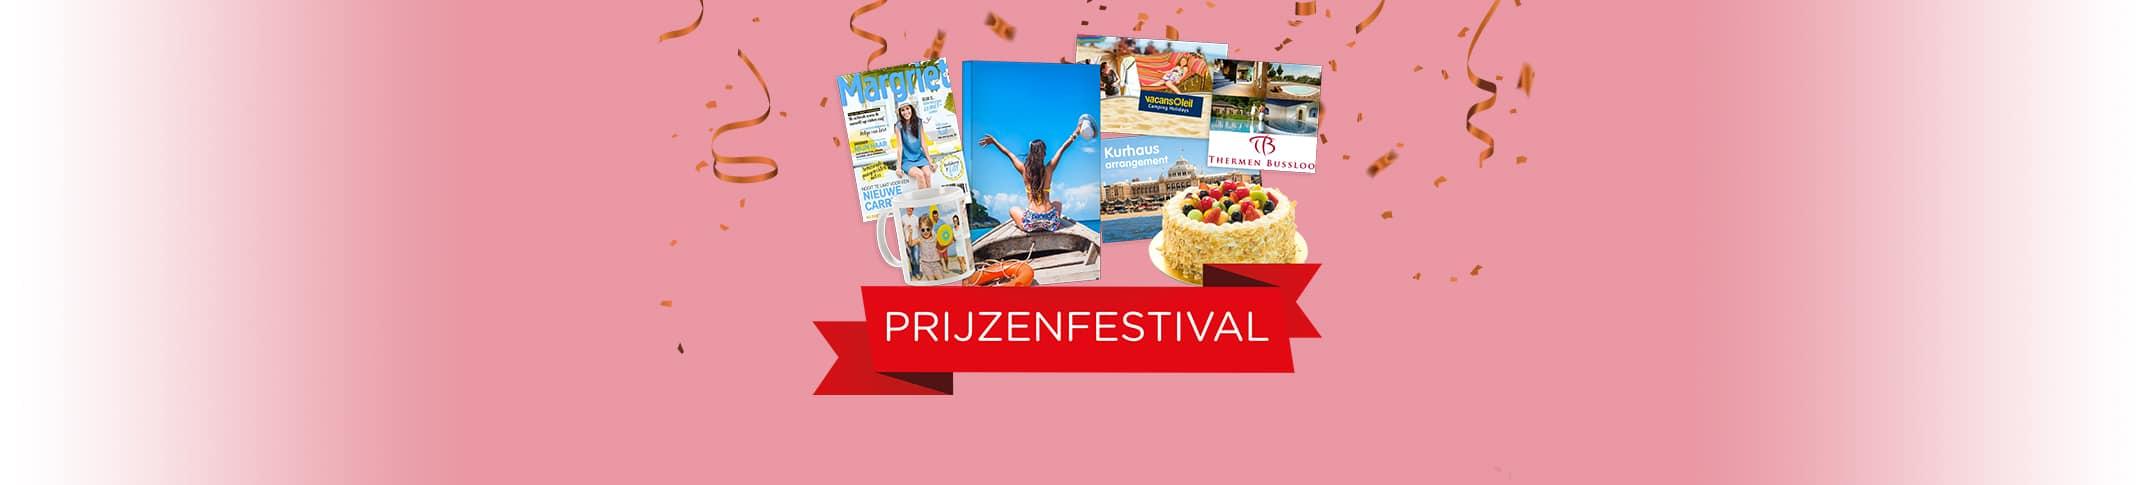 Terug van vakantie en genoten? Schrijf je in voor het Smartphoto prijzenfestival en win fotoboeken, wanddecoratie en losse fotoafdrukken.